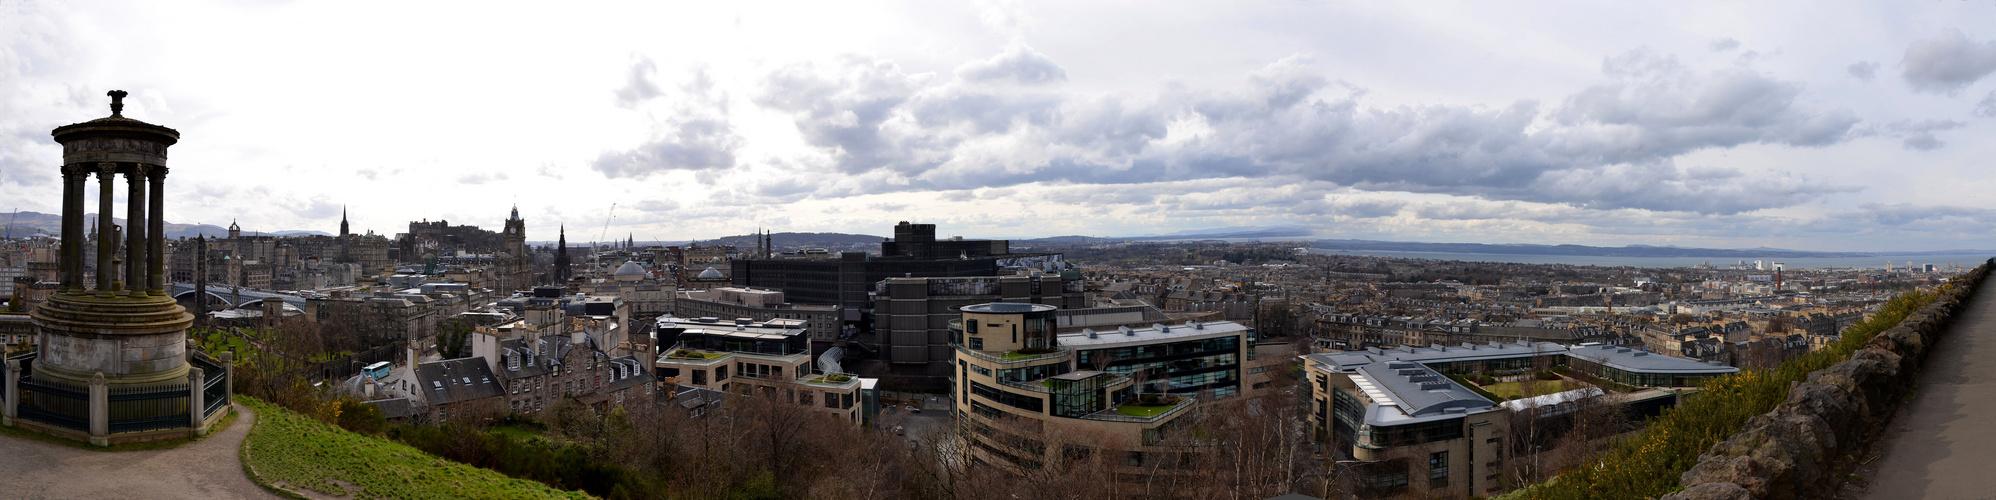 Edinburgh Blick vom Calton Hill auf die Stadt